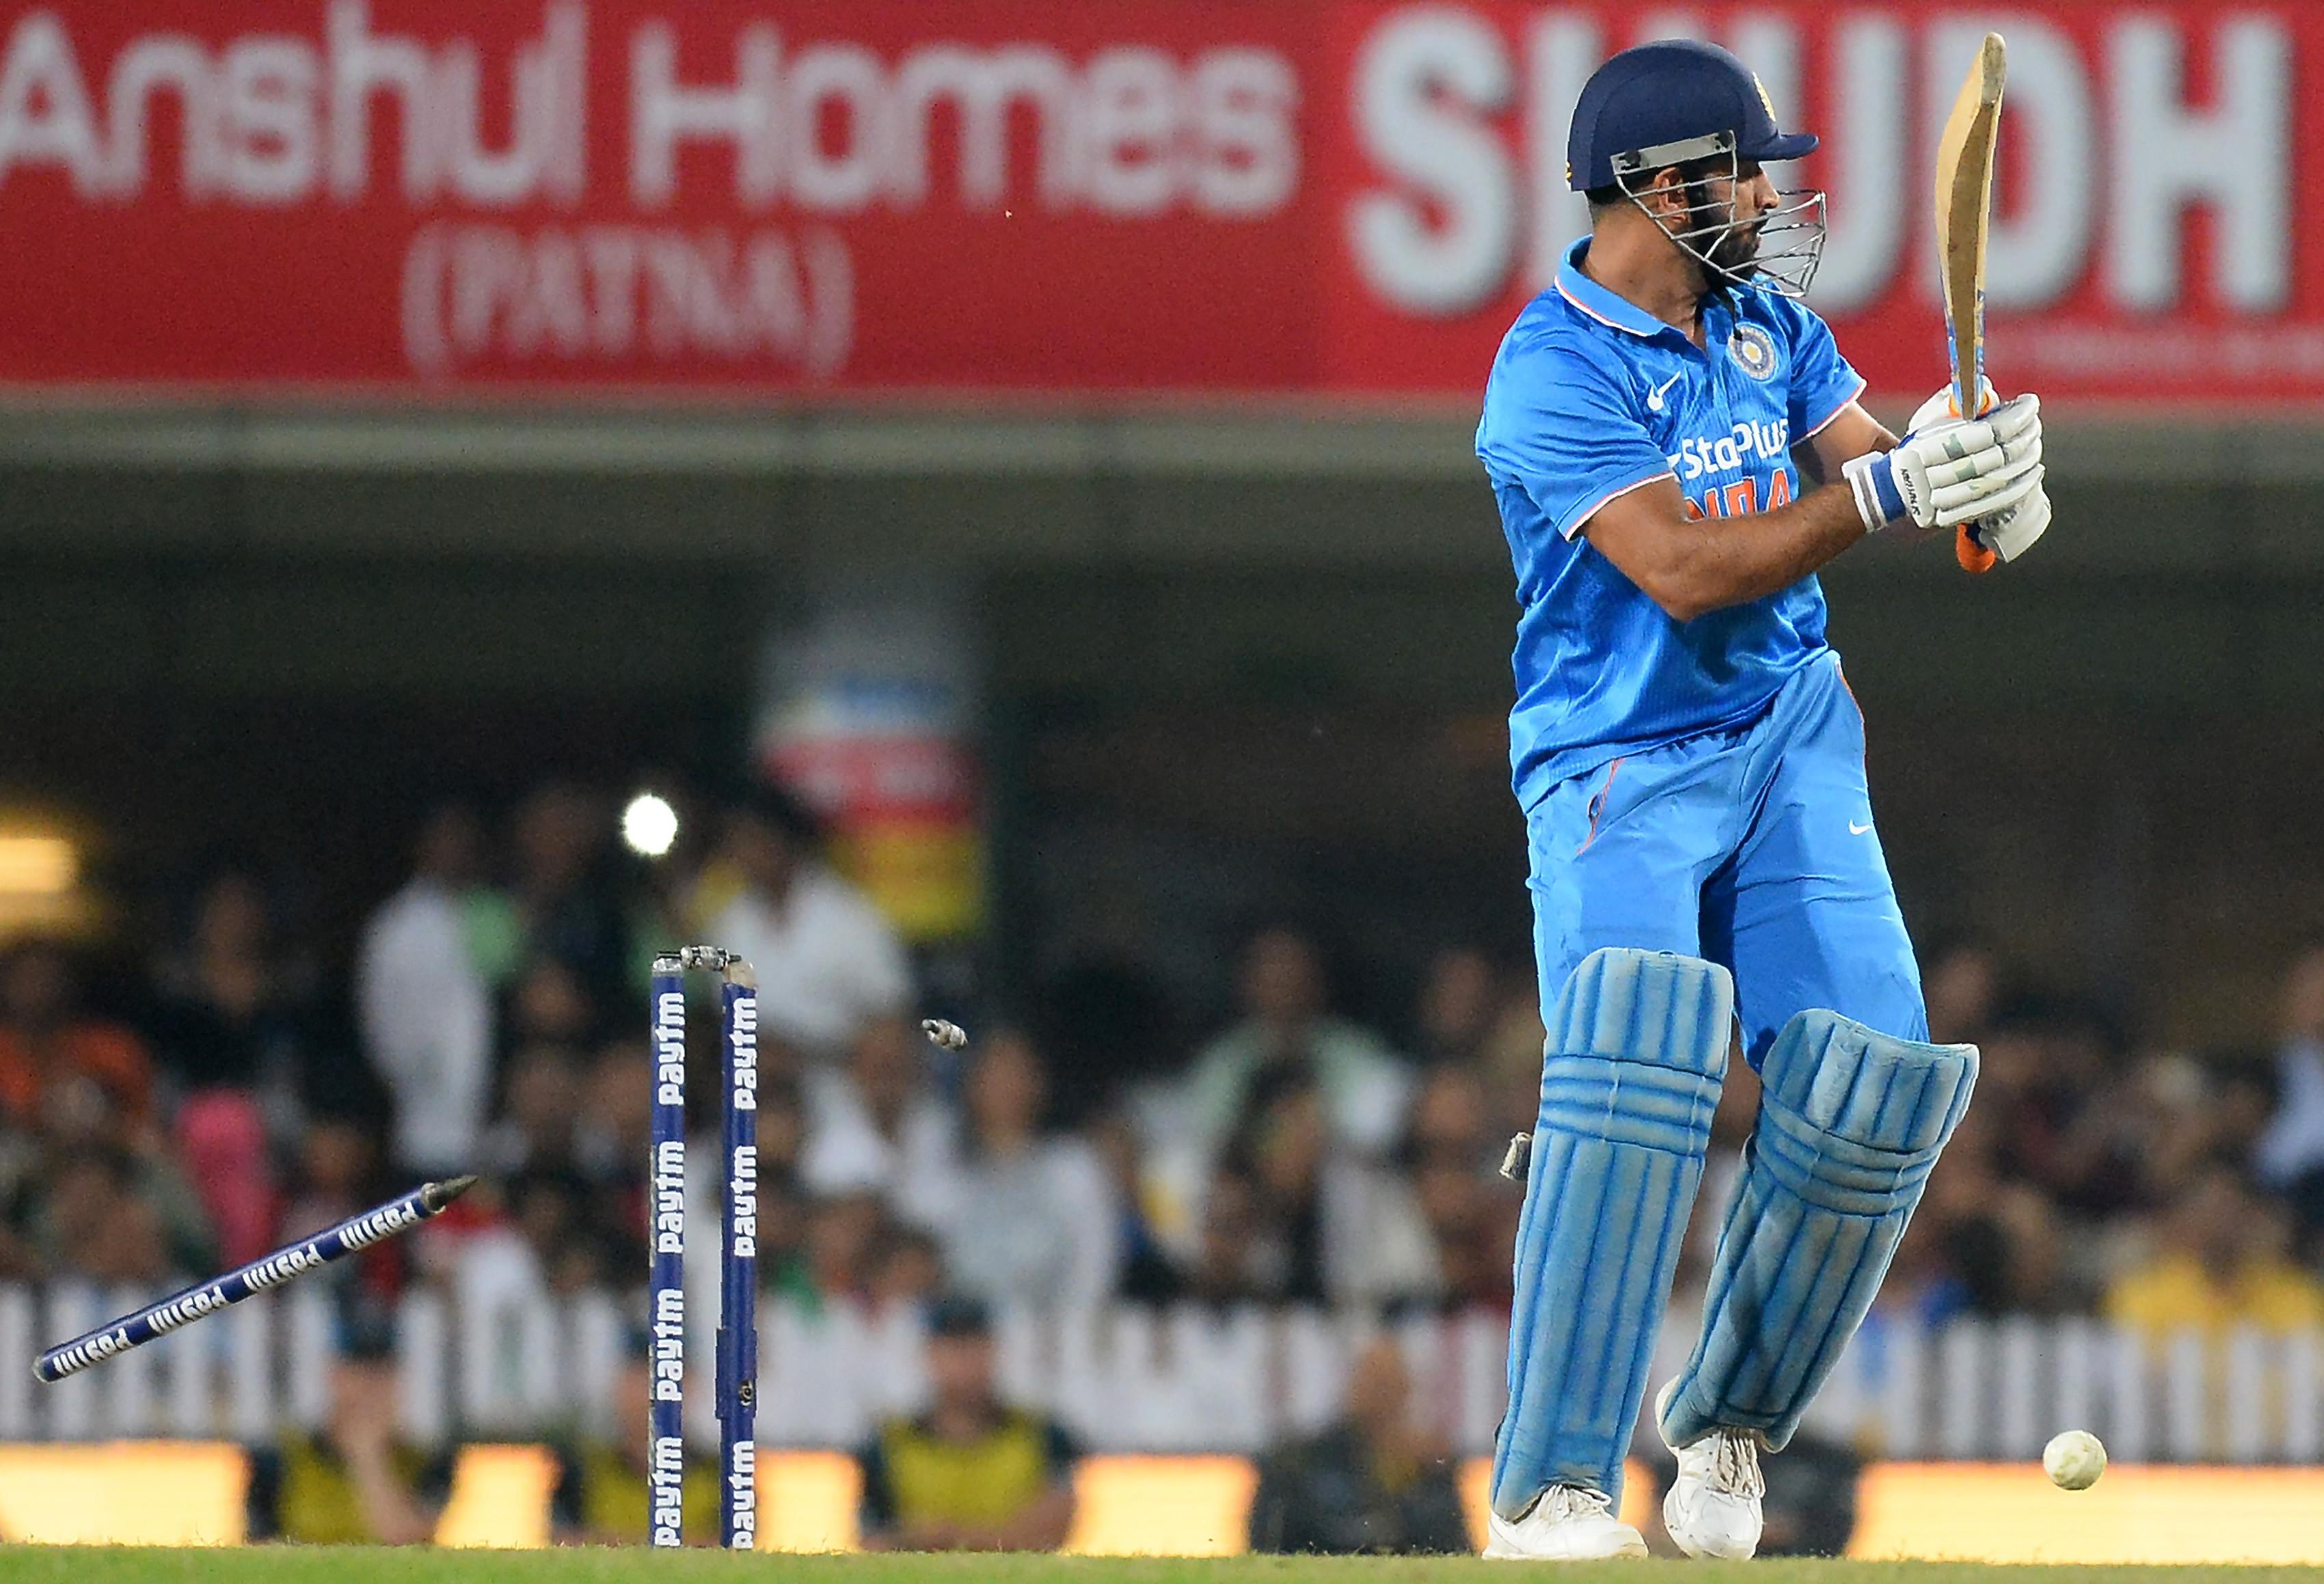 India lost three successive ODI series under Dhoni's captaincy in the 2015'16 season